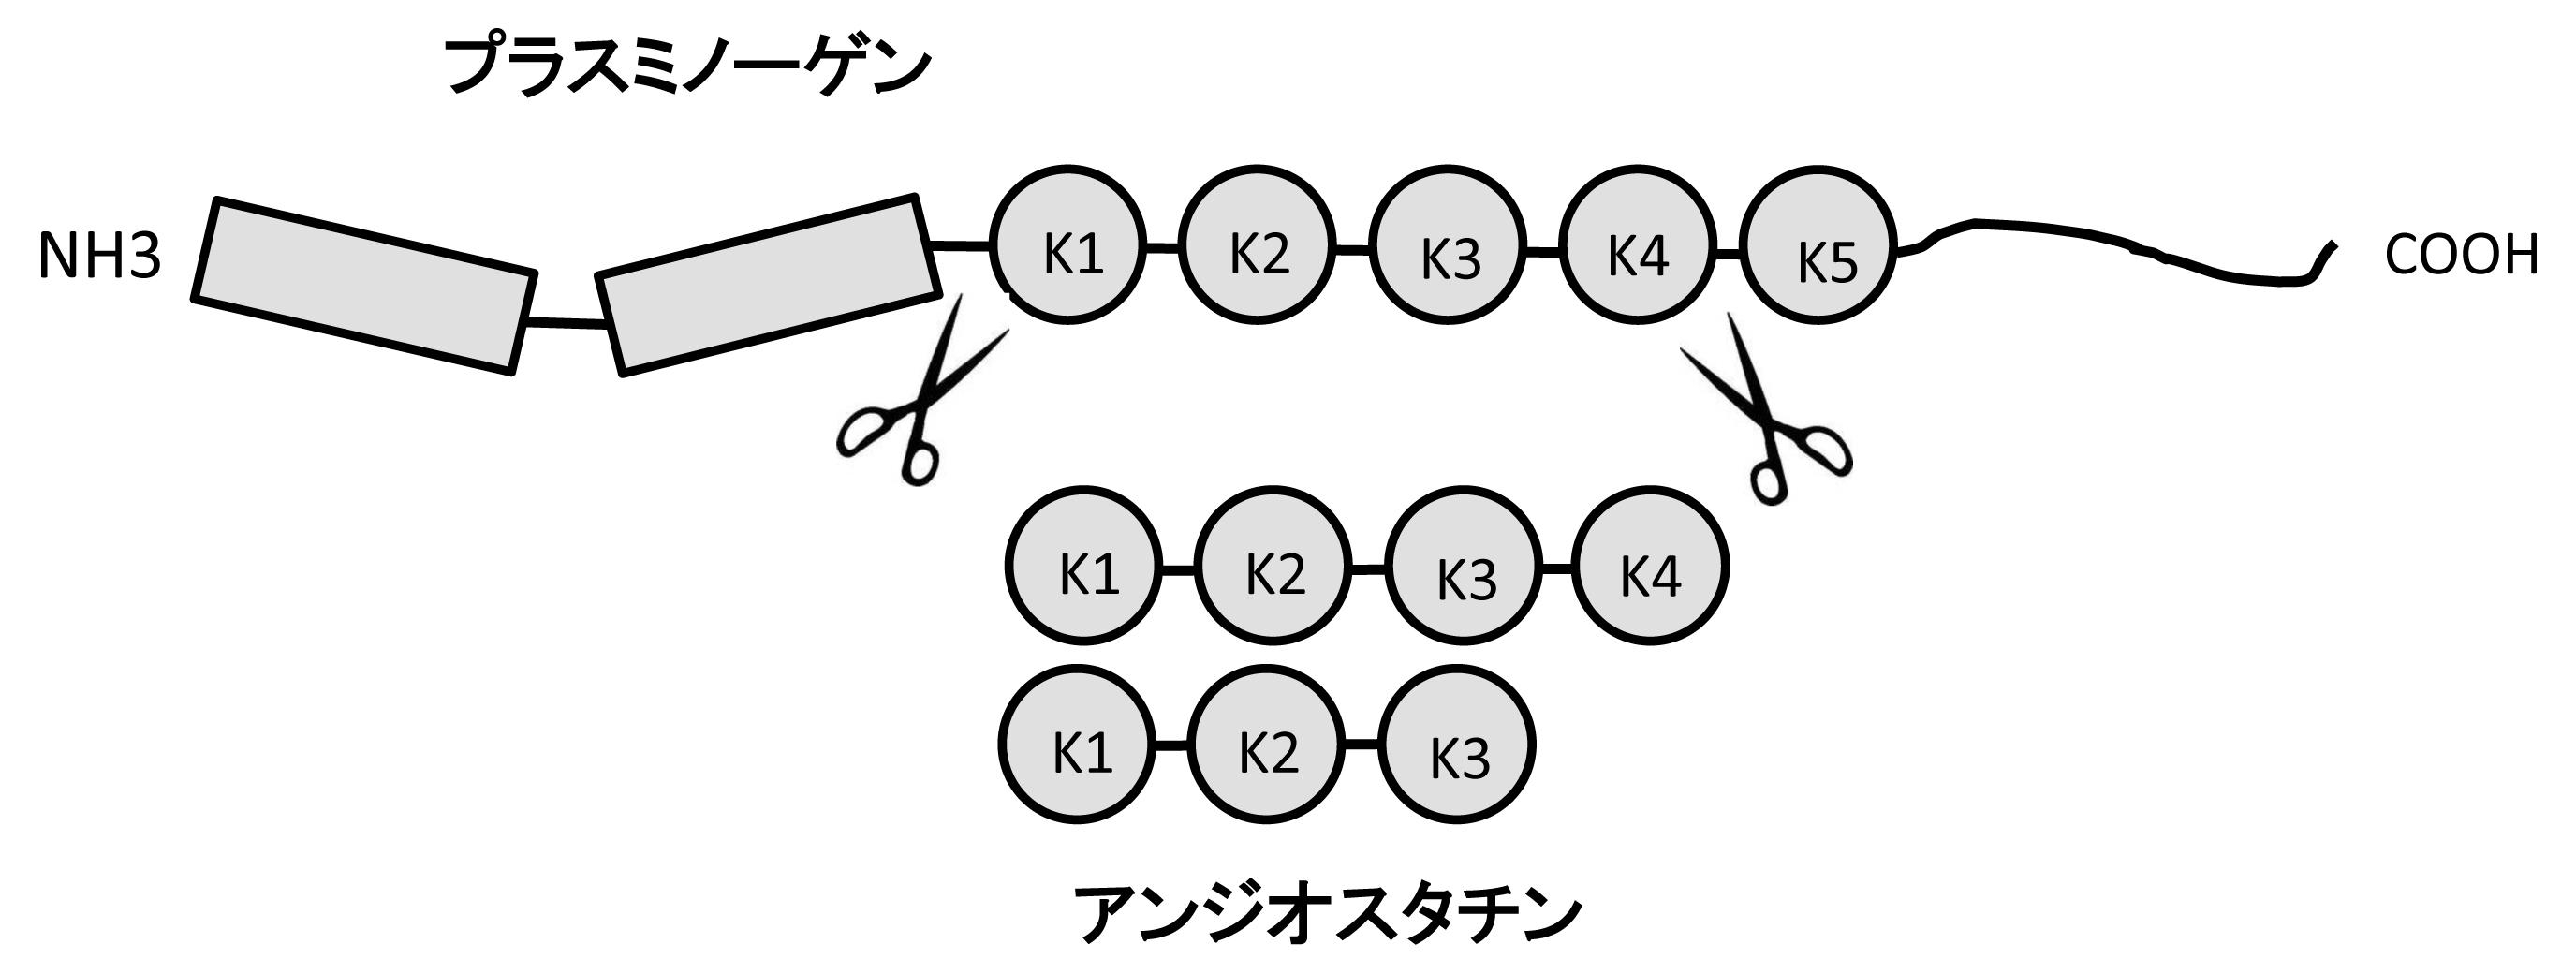 図 プラスミノゲンとアンジオスタチン:アンジオスタチンは、プラスミノゲンにコードされている5つのクリングル構造のうち1から4、または1から3まで断片である。(血管生物医学辞典,朝倉書店,2011より引用)